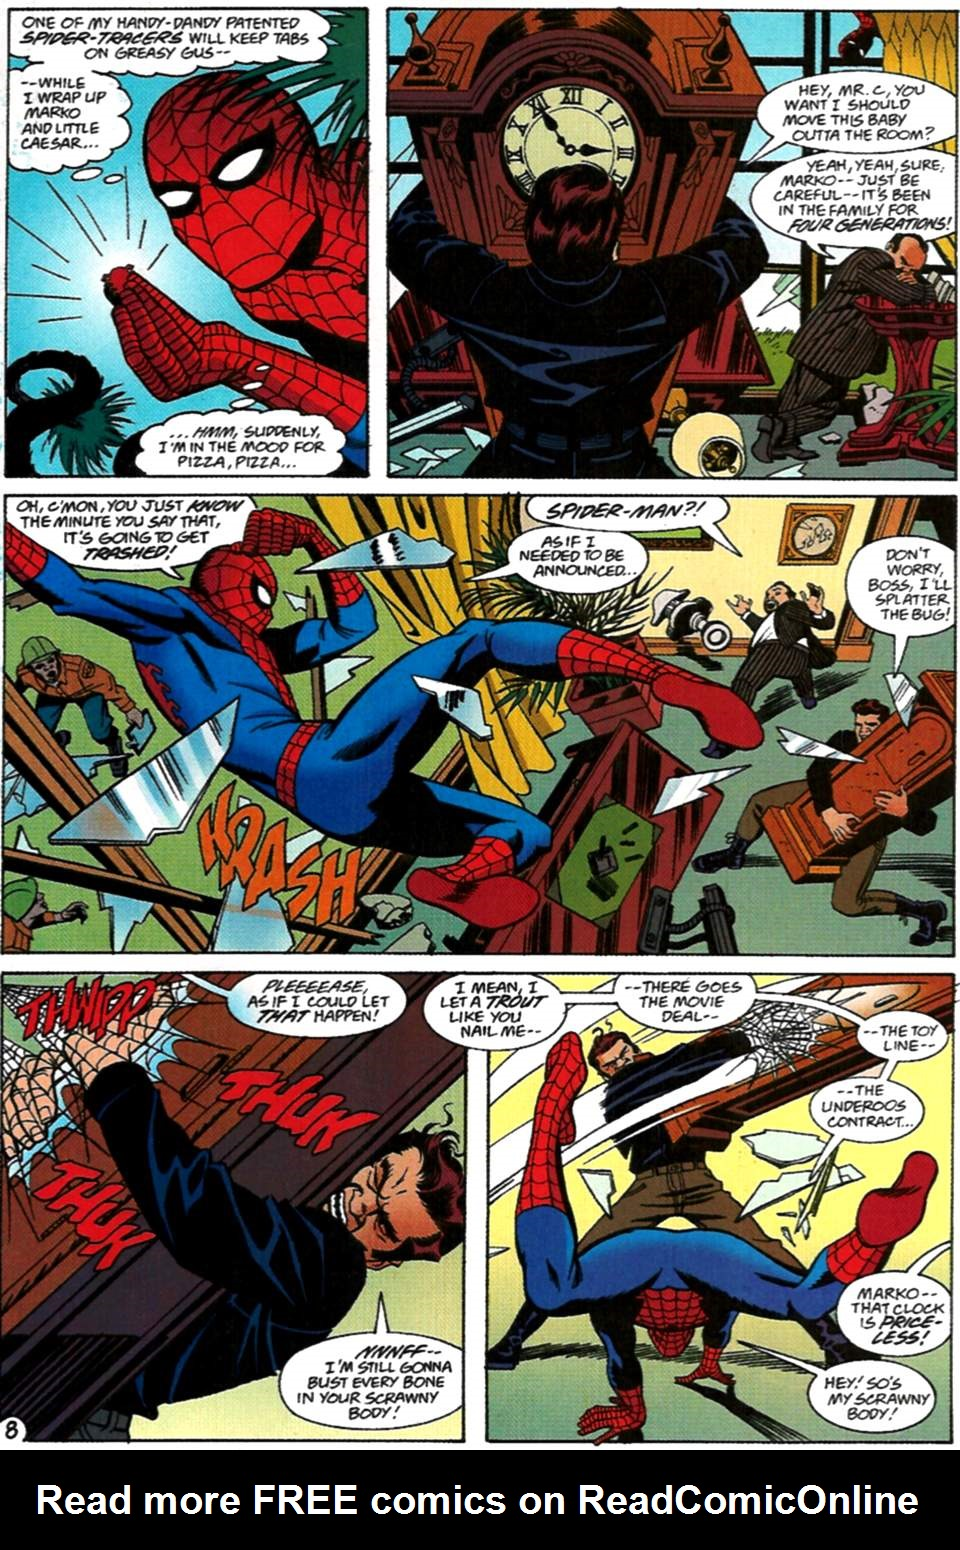 Read online Spider-Man: Lifeline comic -  Issue #2 - 9